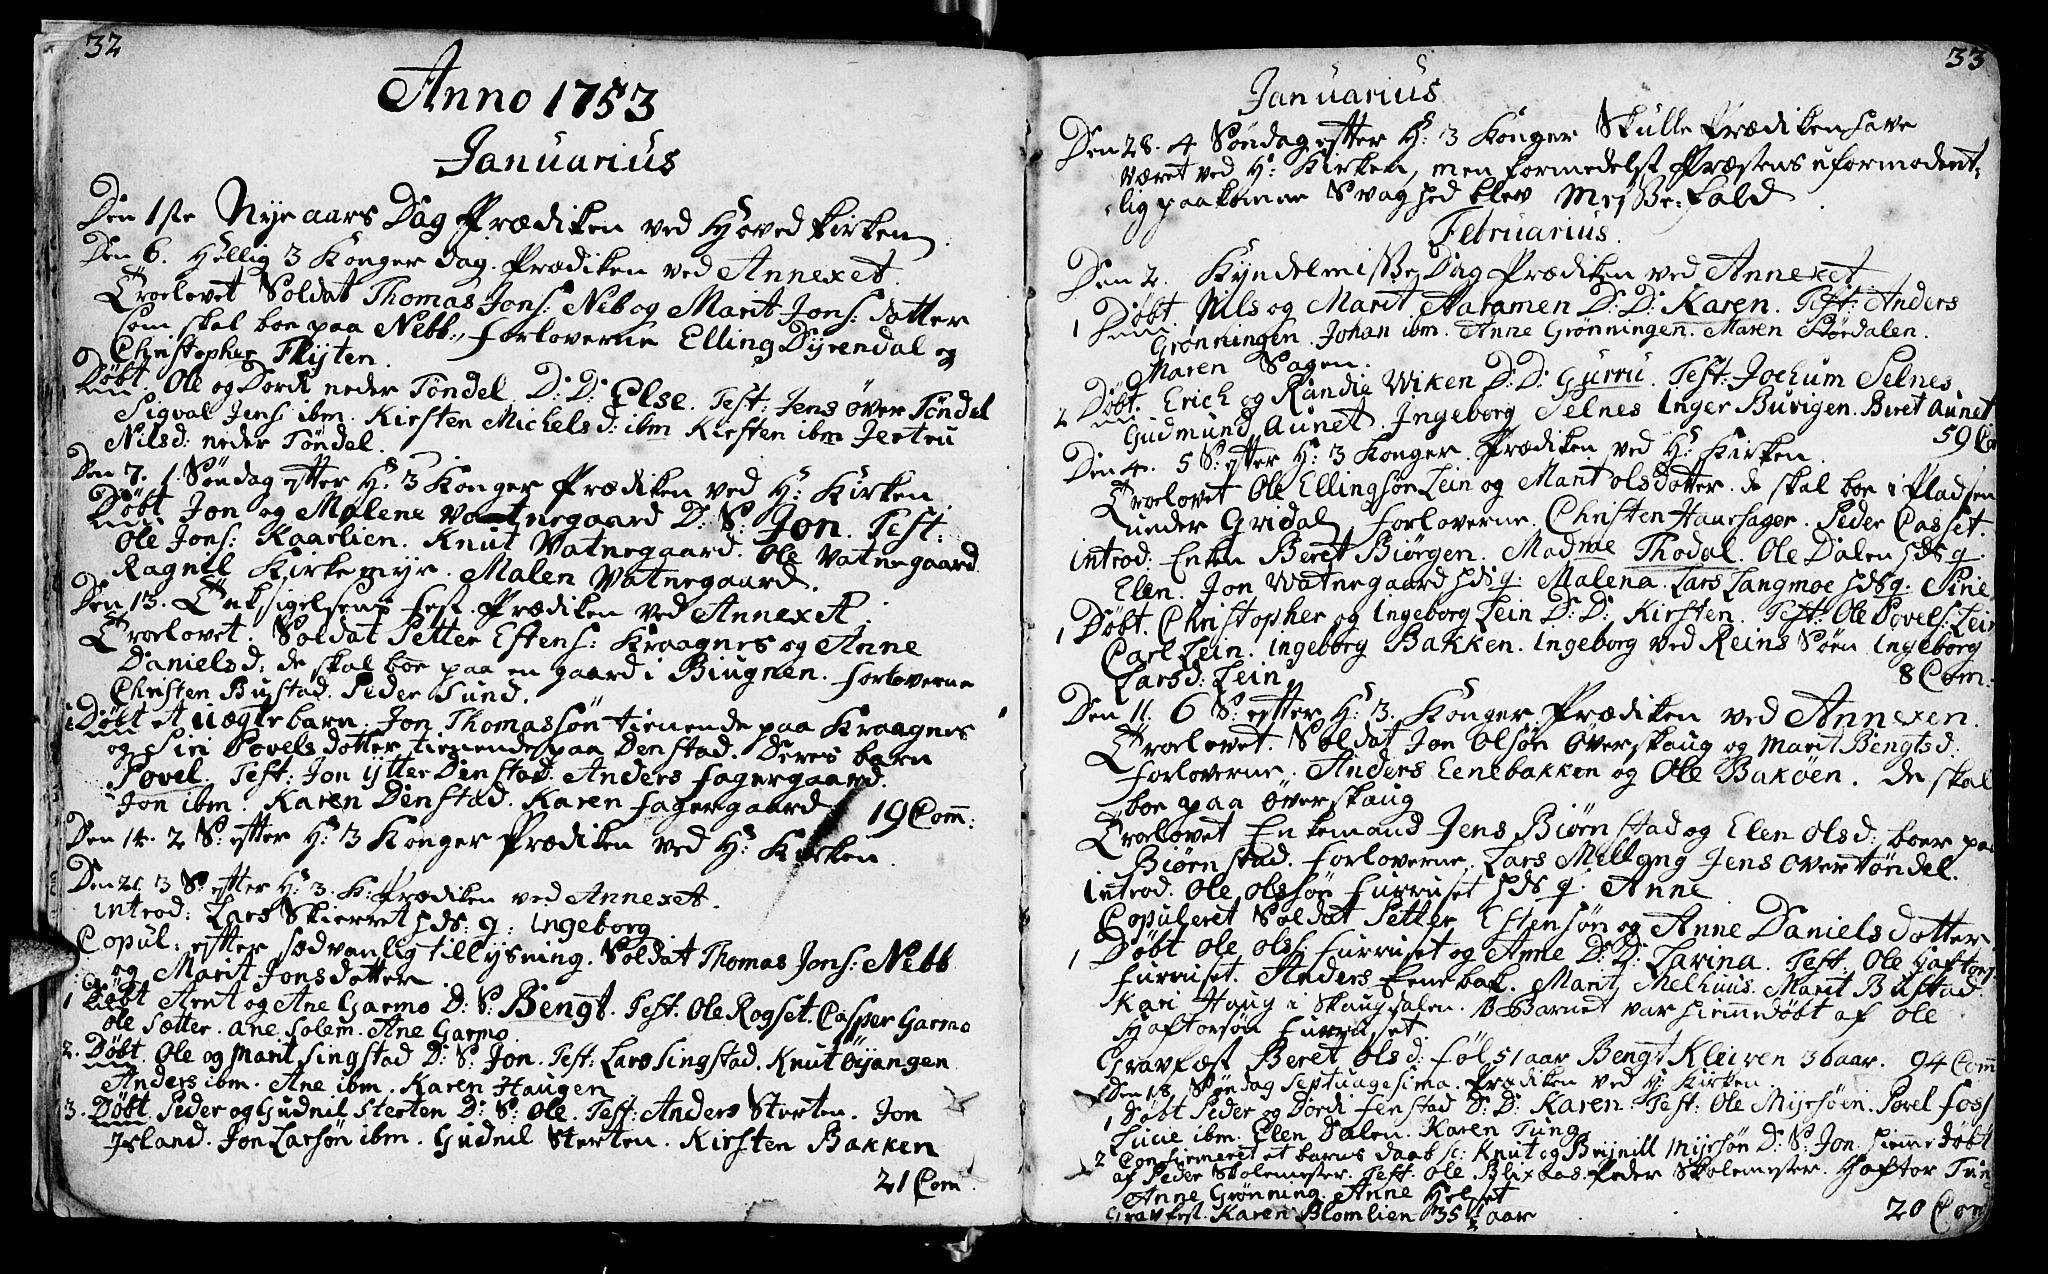 SAT, Ministerialprotokoller, klokkerbøker og fødselsregistre - Sør-Trøndelag, 646/L0605: Ministerialbok nr. 646A03, 1751-1790, s. 32-33